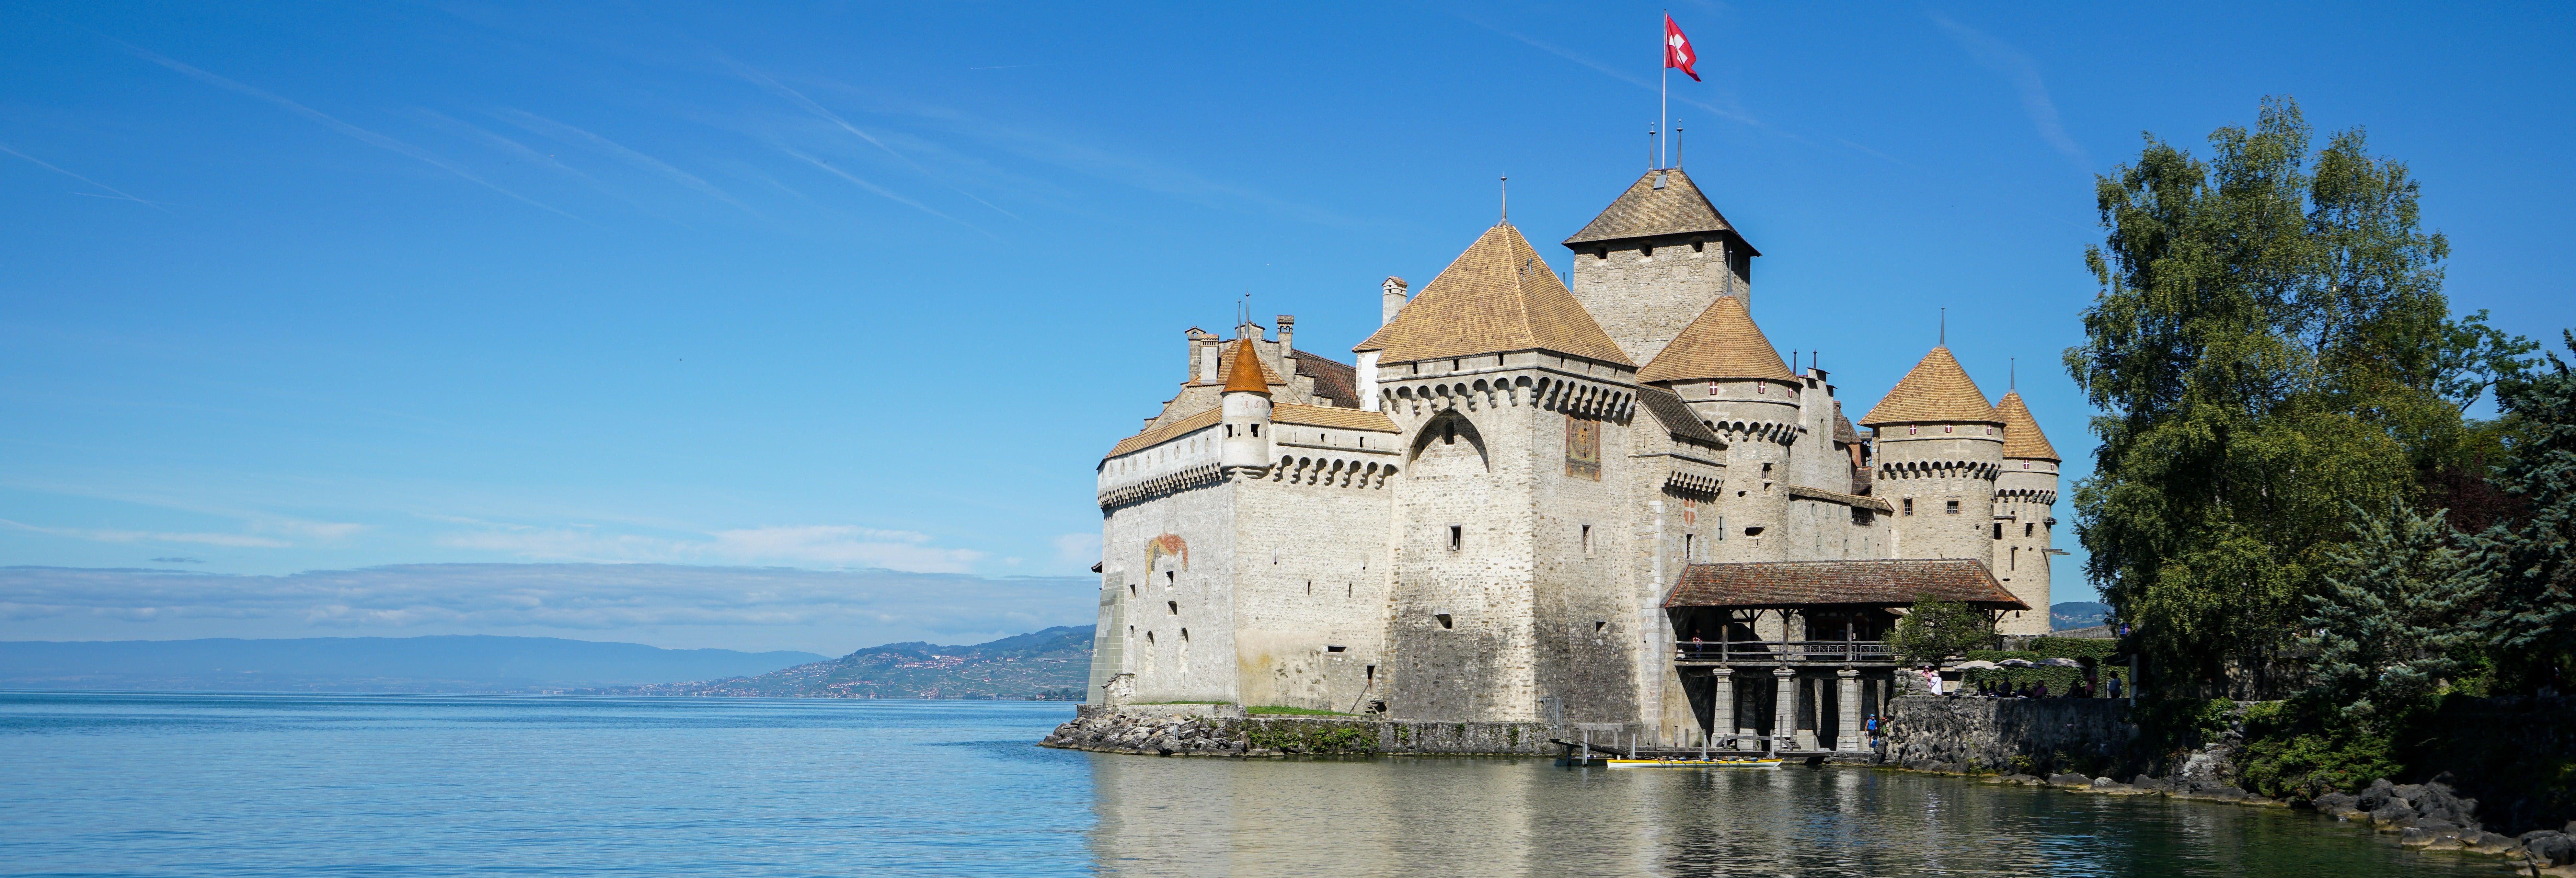 Excursión a Montreux